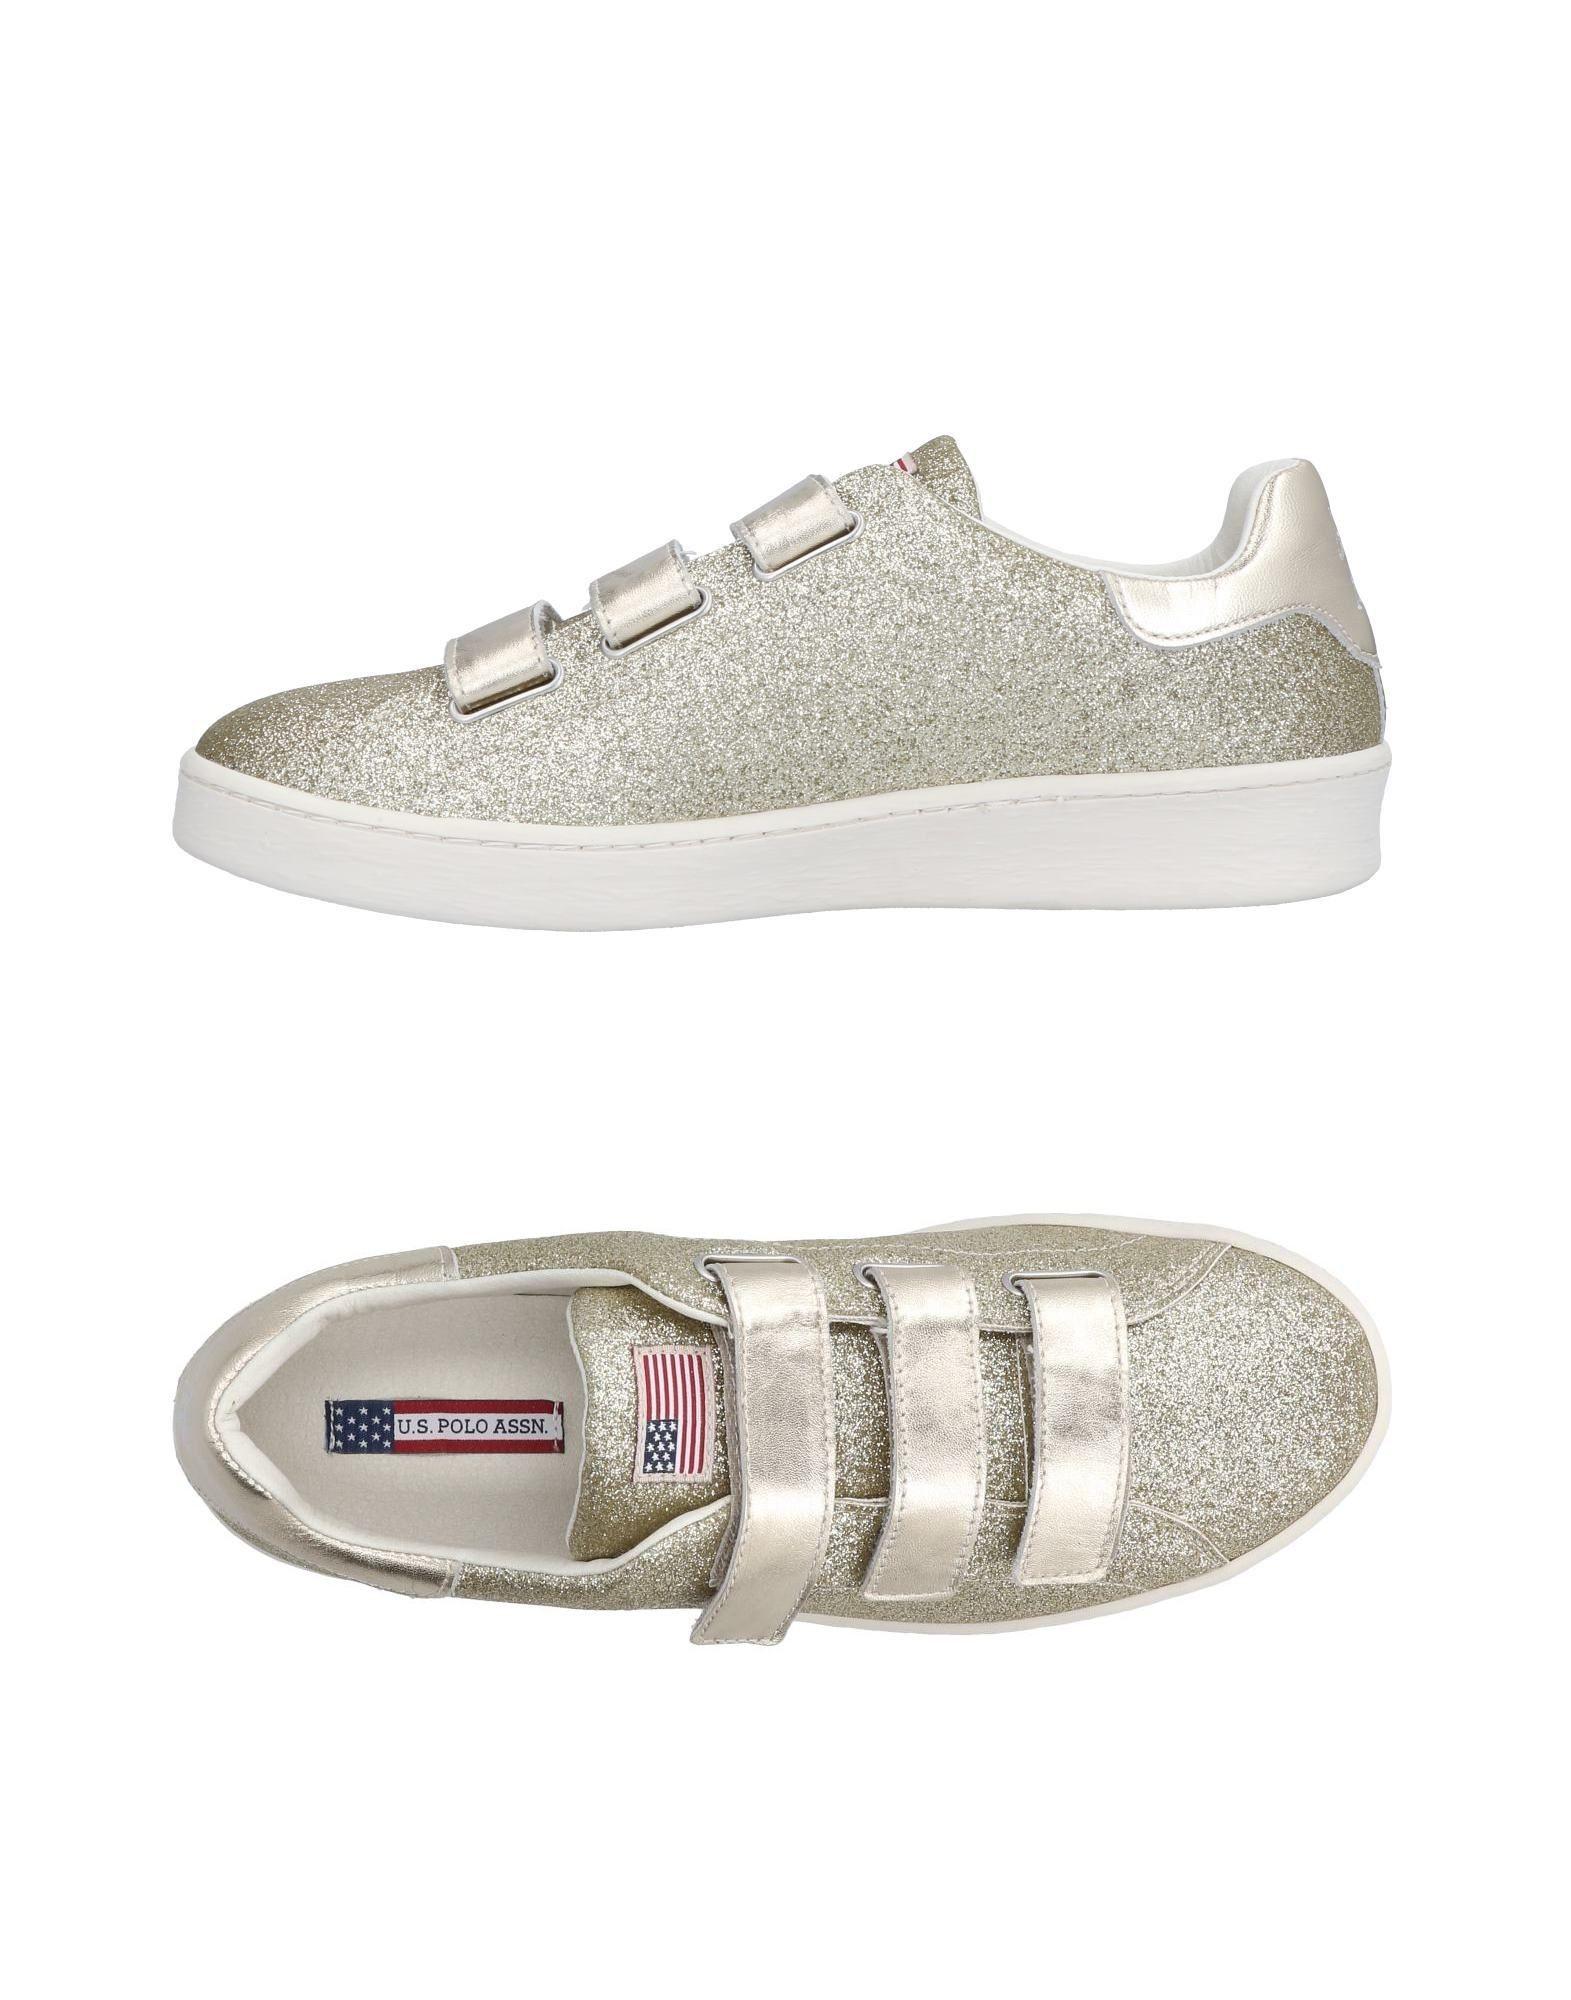 U.S.Polo Assn. Sneakers Damen  11491895BV Gute Qualität beliebte Schuhe